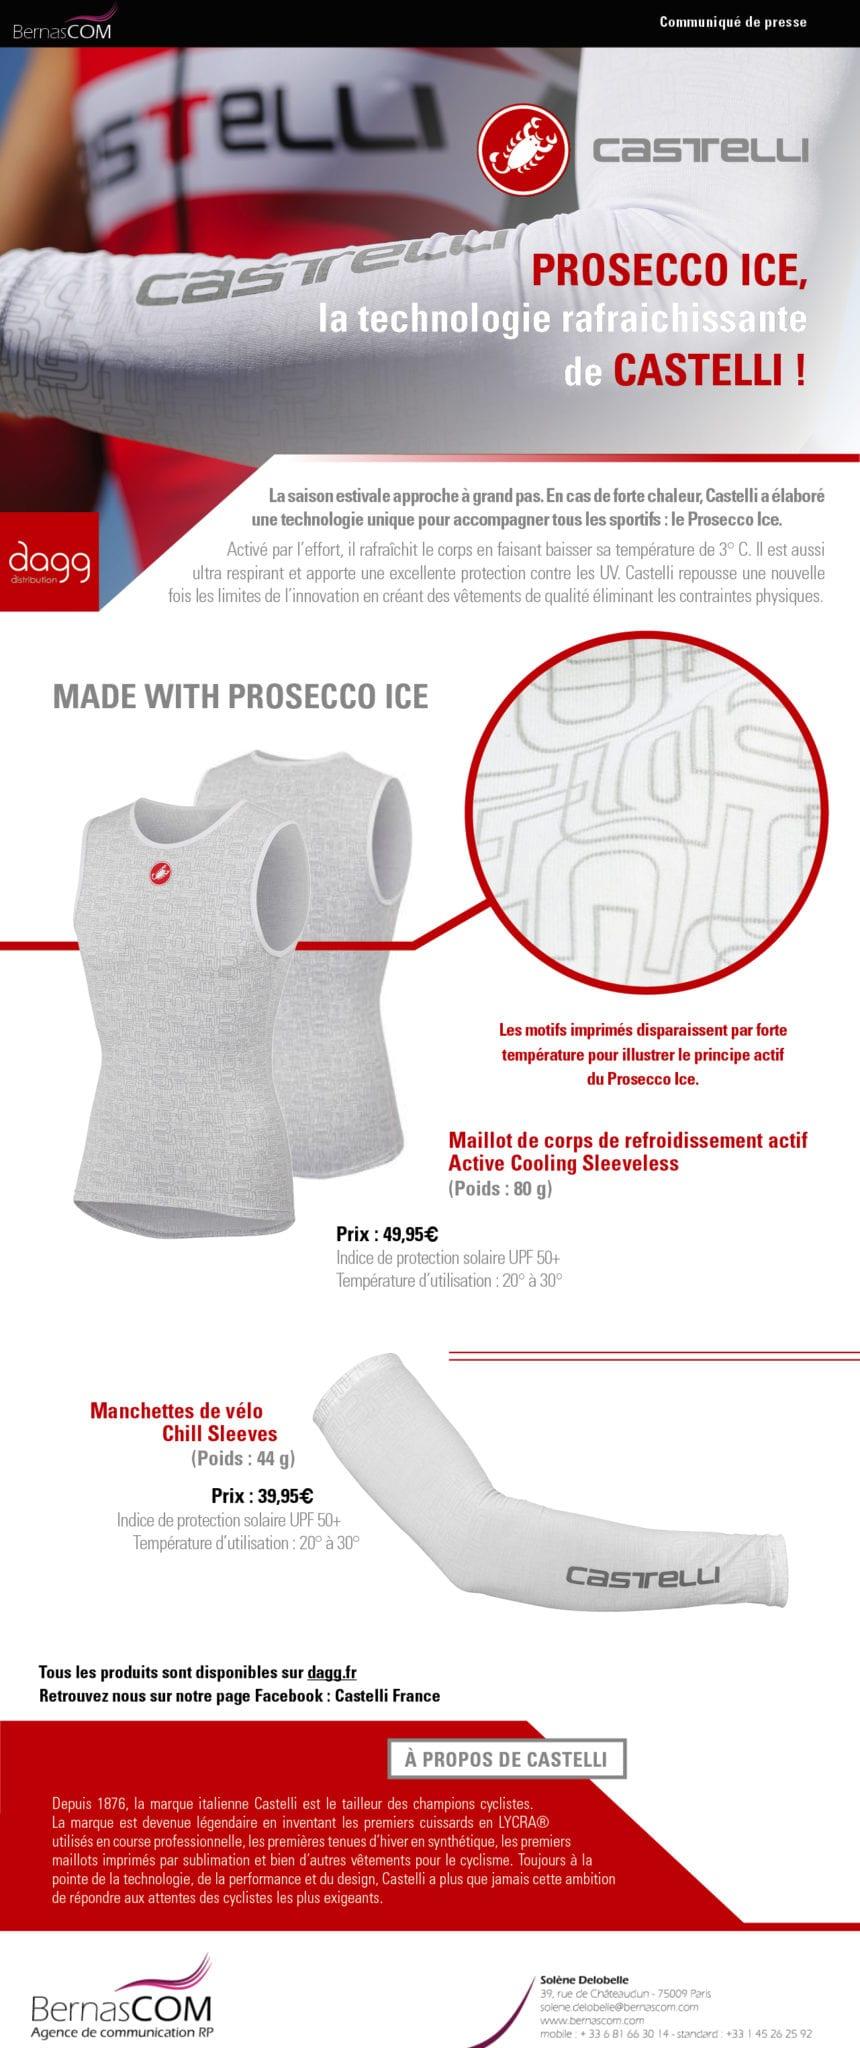 Castelli CP Prosecco Ice